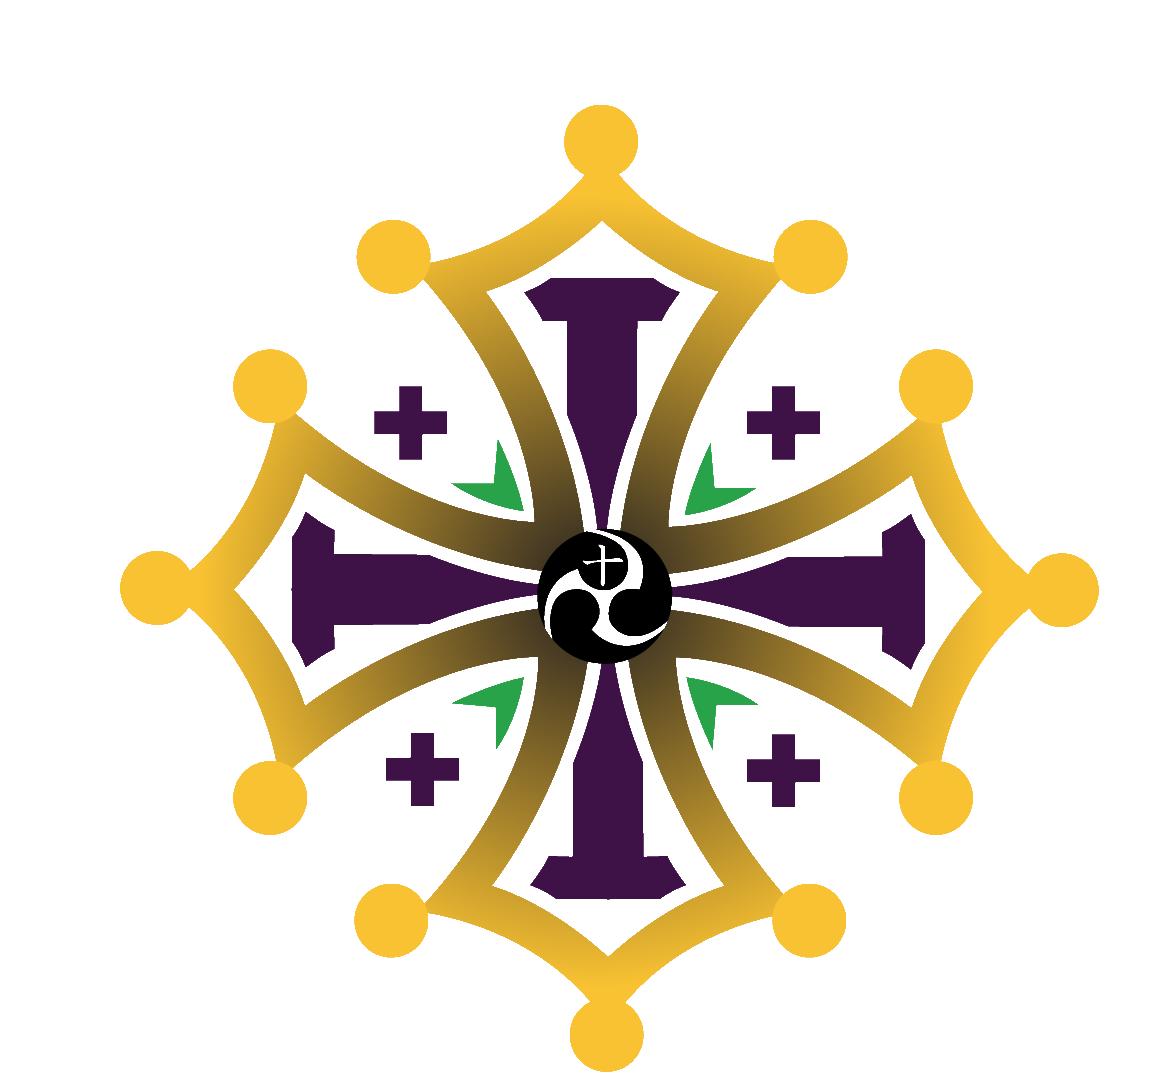 Ordem dos Sagrados Cavaleiros Templários Jinai